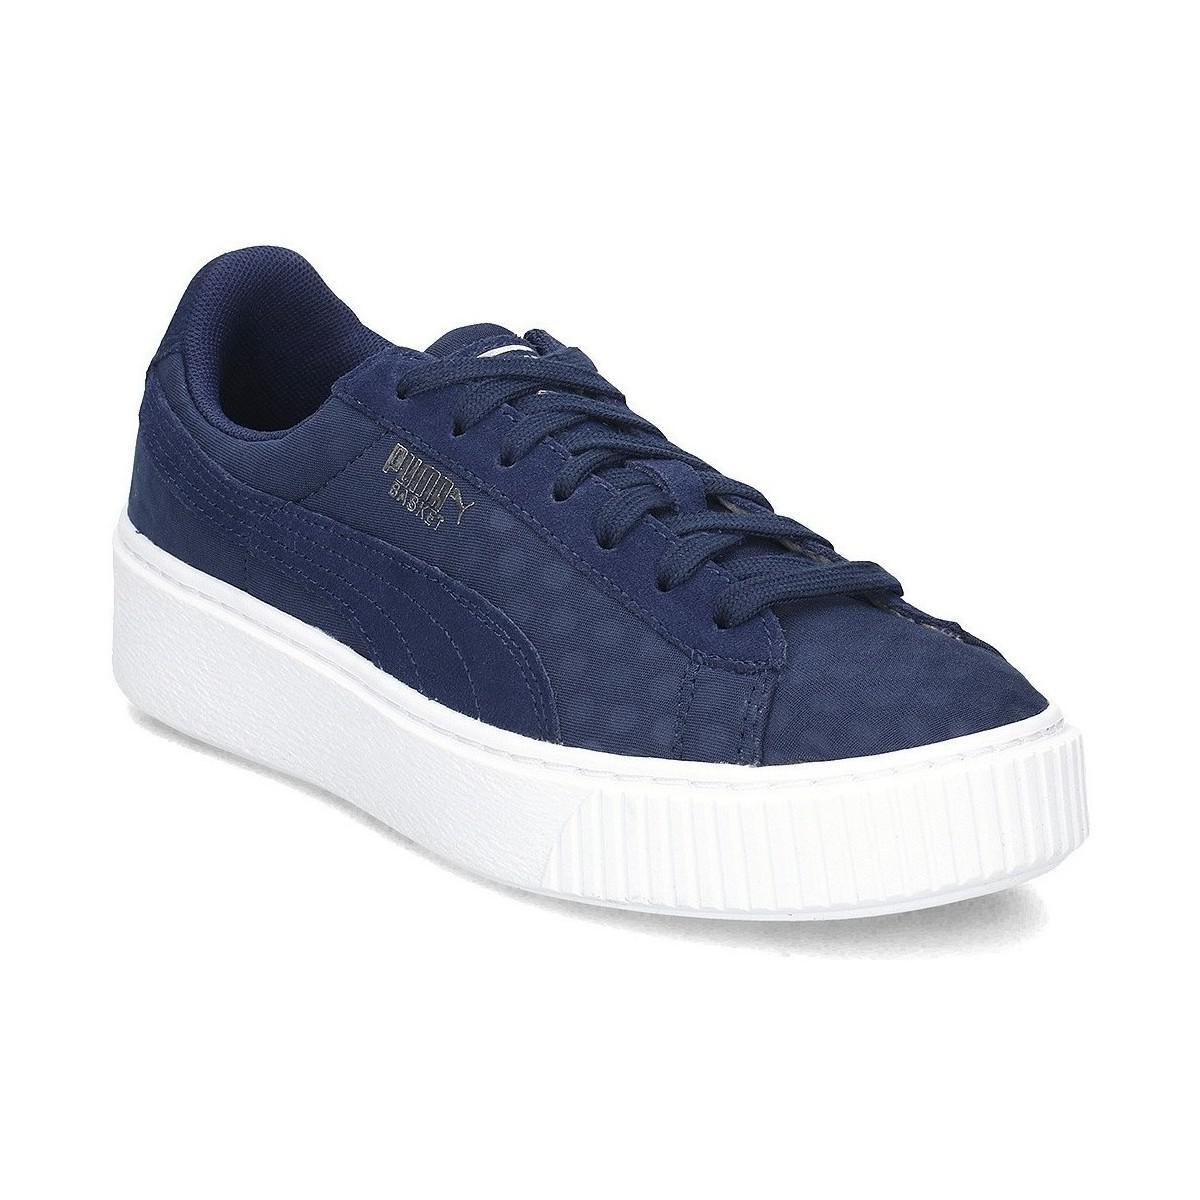 e73c31ec1d53df Puma Basket Platform De Women s Shoes (trainers) In Multicolour in ...